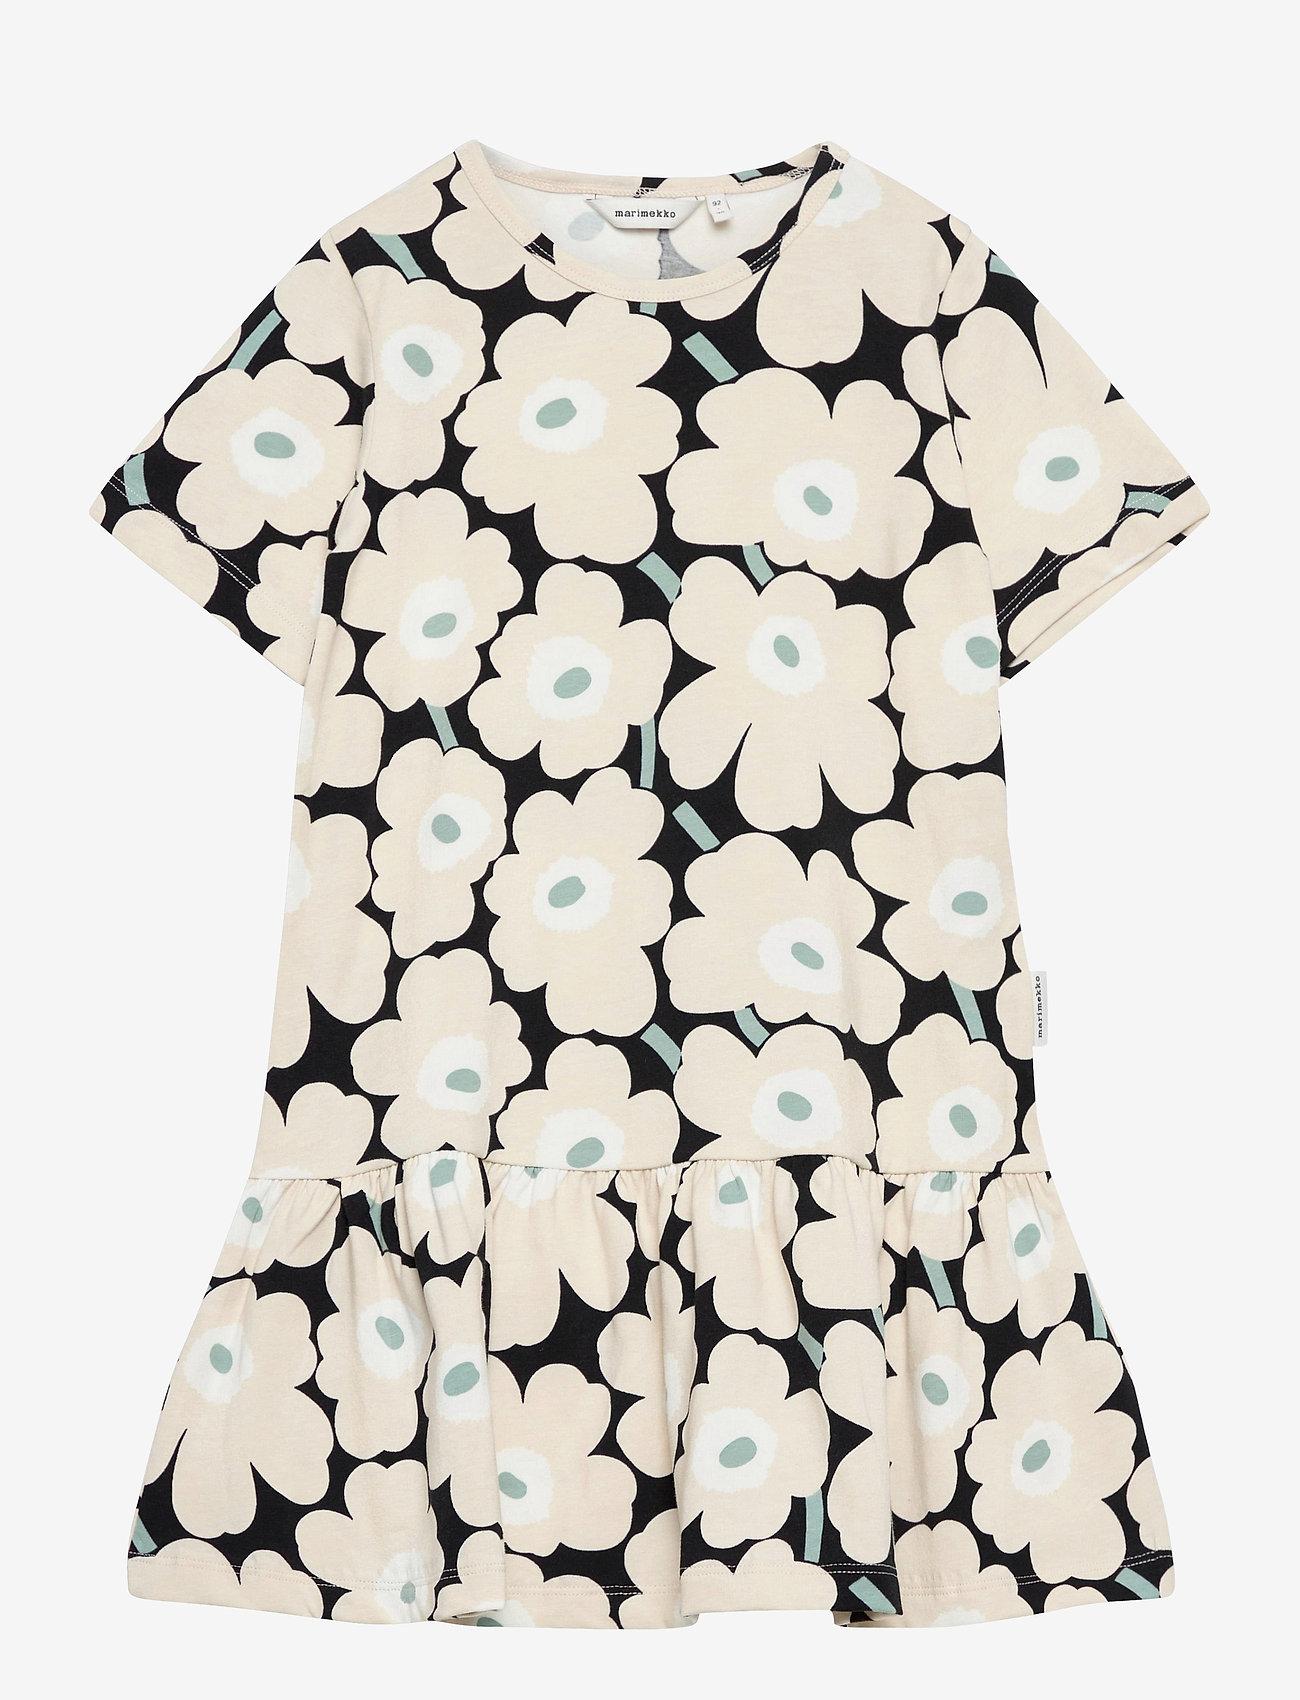 Marimekko - IHAILLA MINI UNIKOT DRESS - sukienki - black, beige, light green - 0